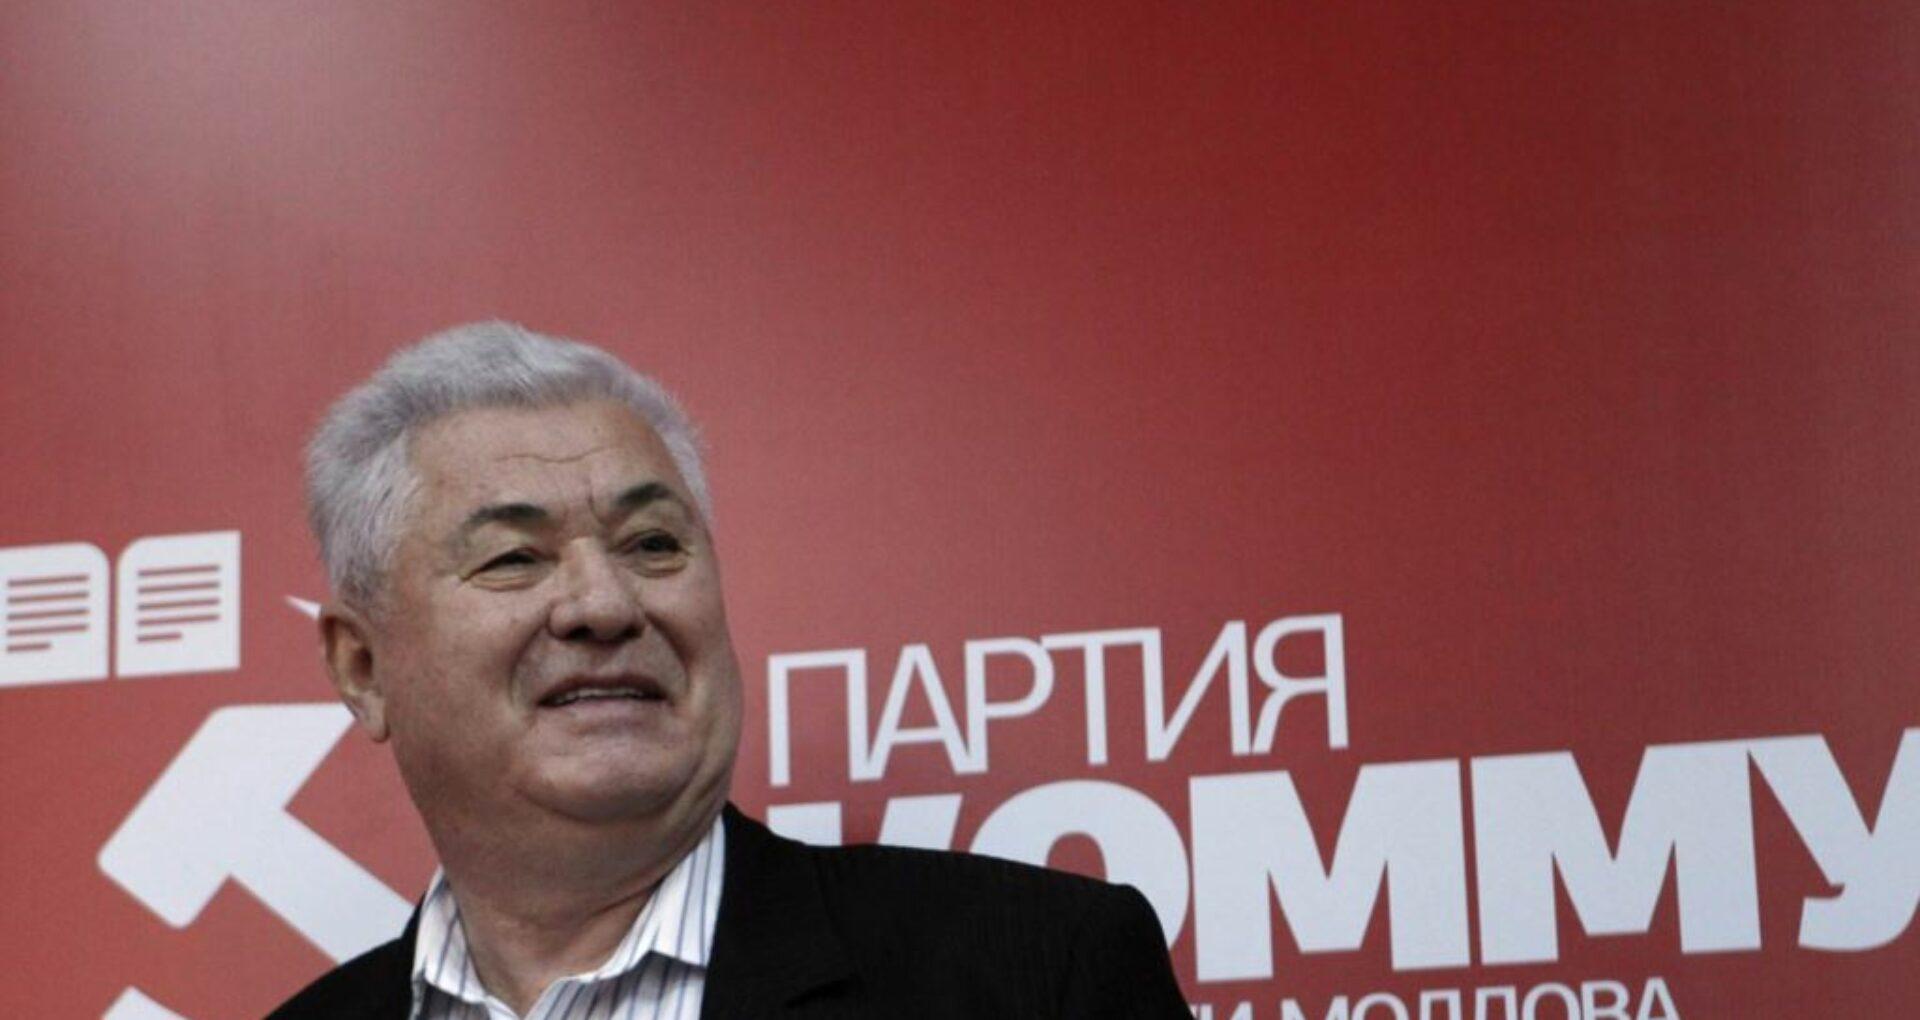 Unicul privilegiu de care se bucură Vladimir Voronin pentru funcția de președinte deținută: E Mercedes, cu rulaj de 300 mii de km. Încă pornește